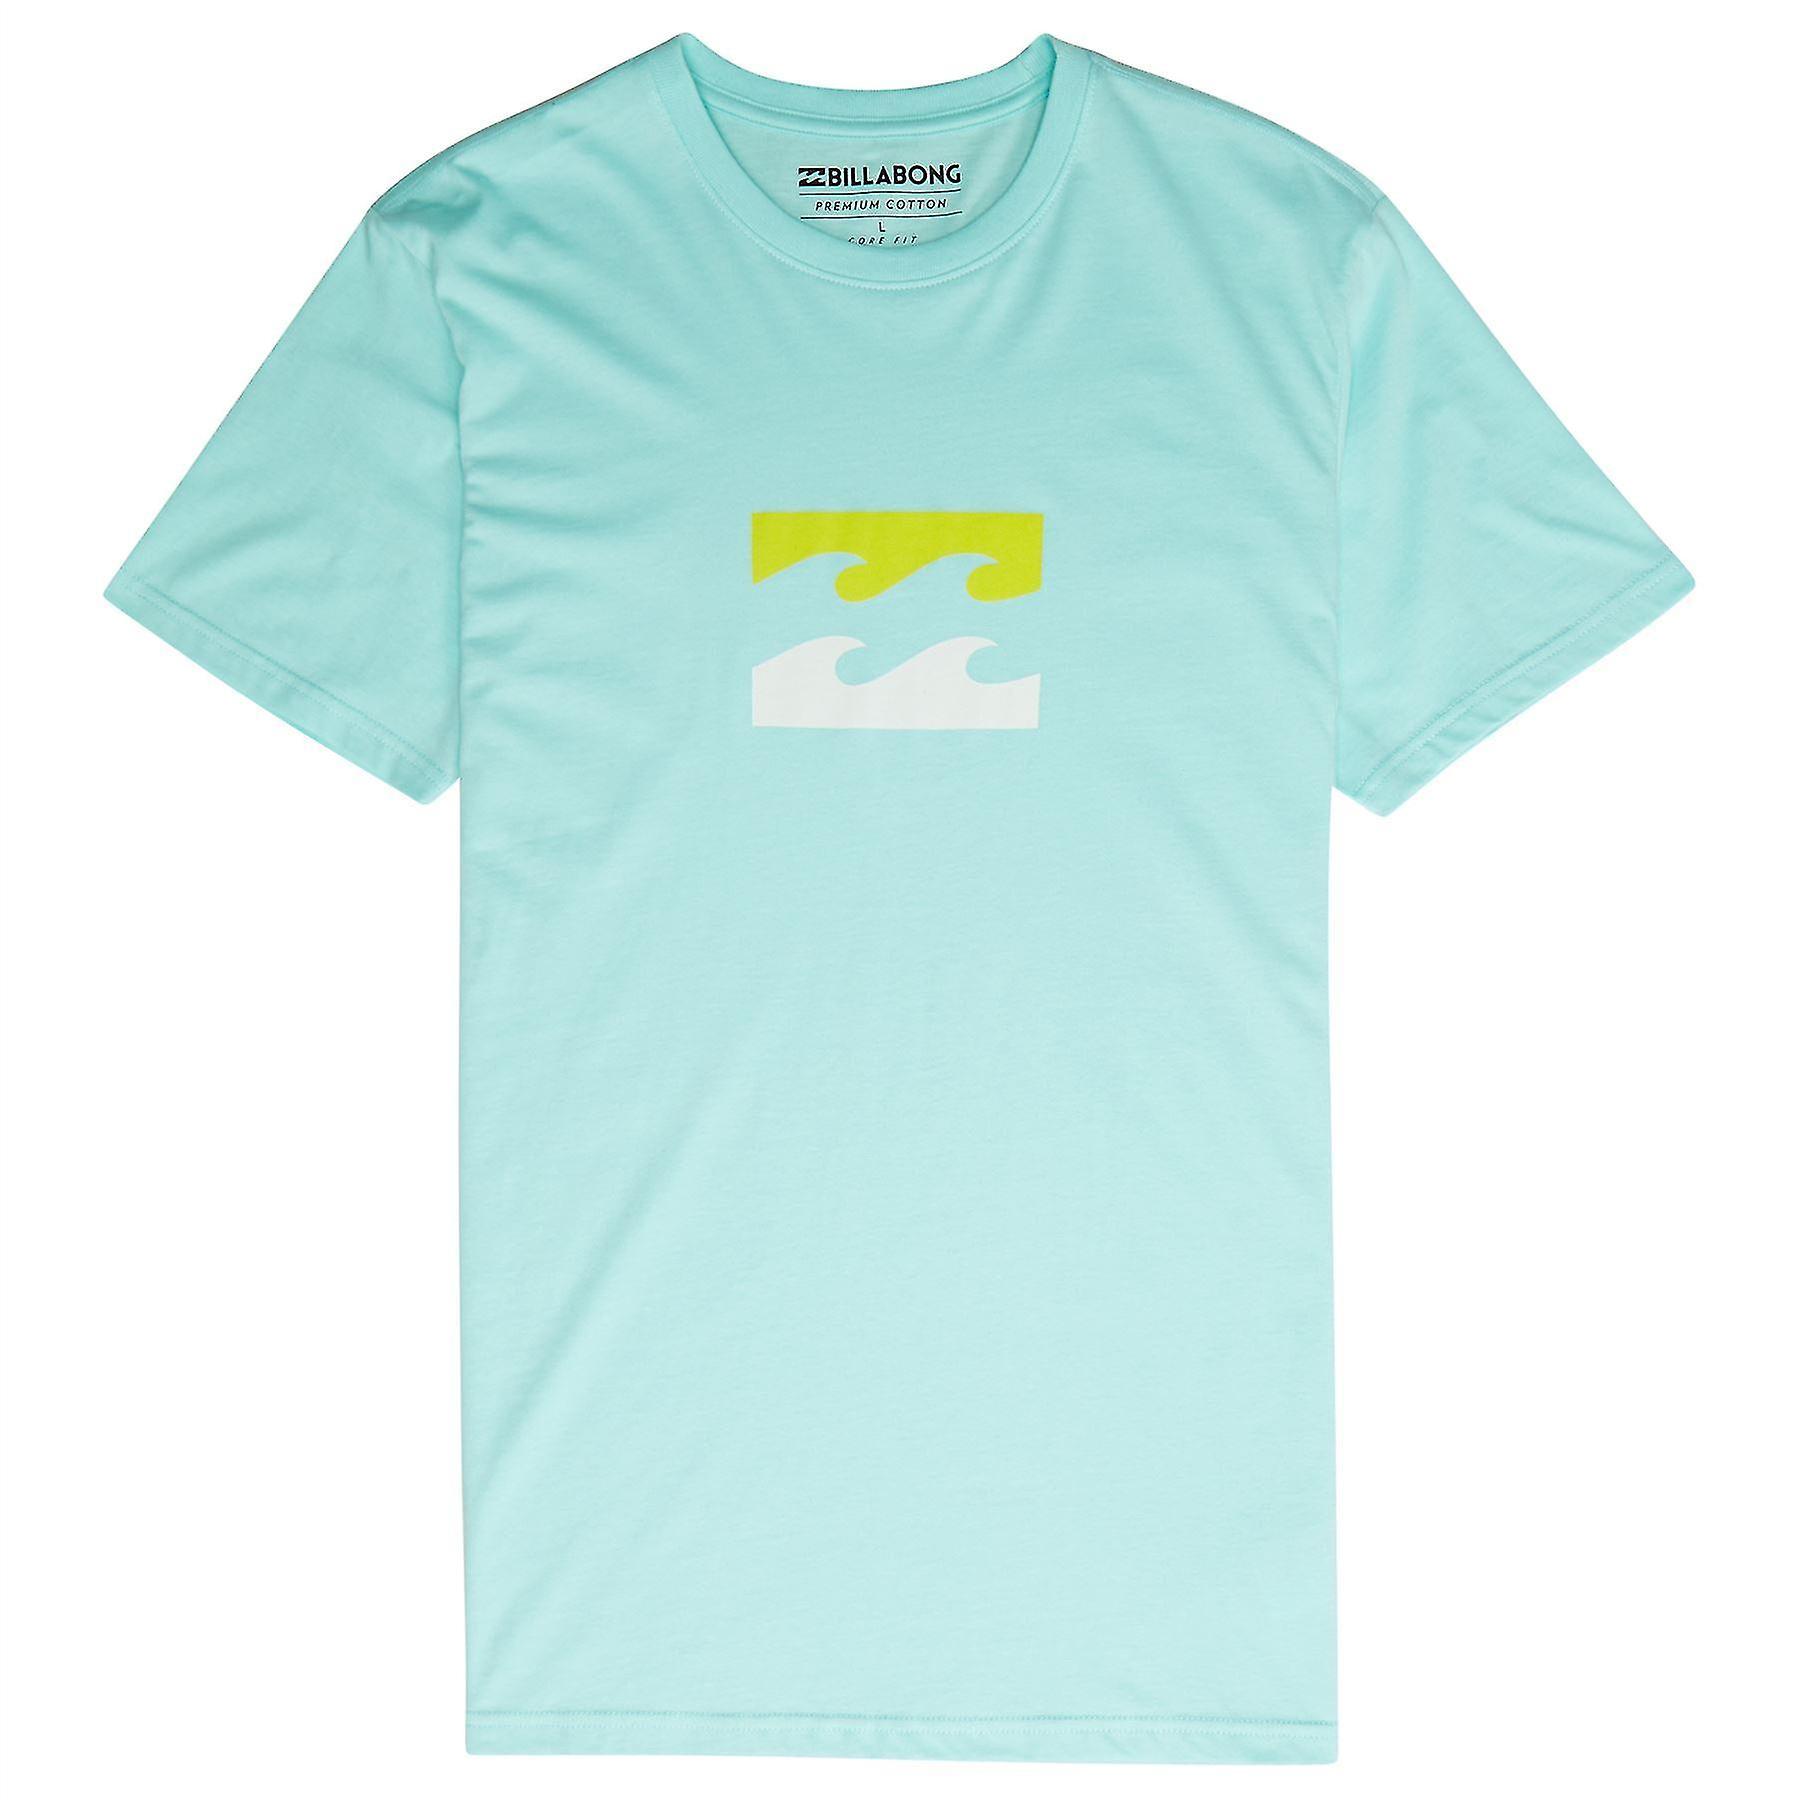 Billabong T-Shirt ~ Team Wave